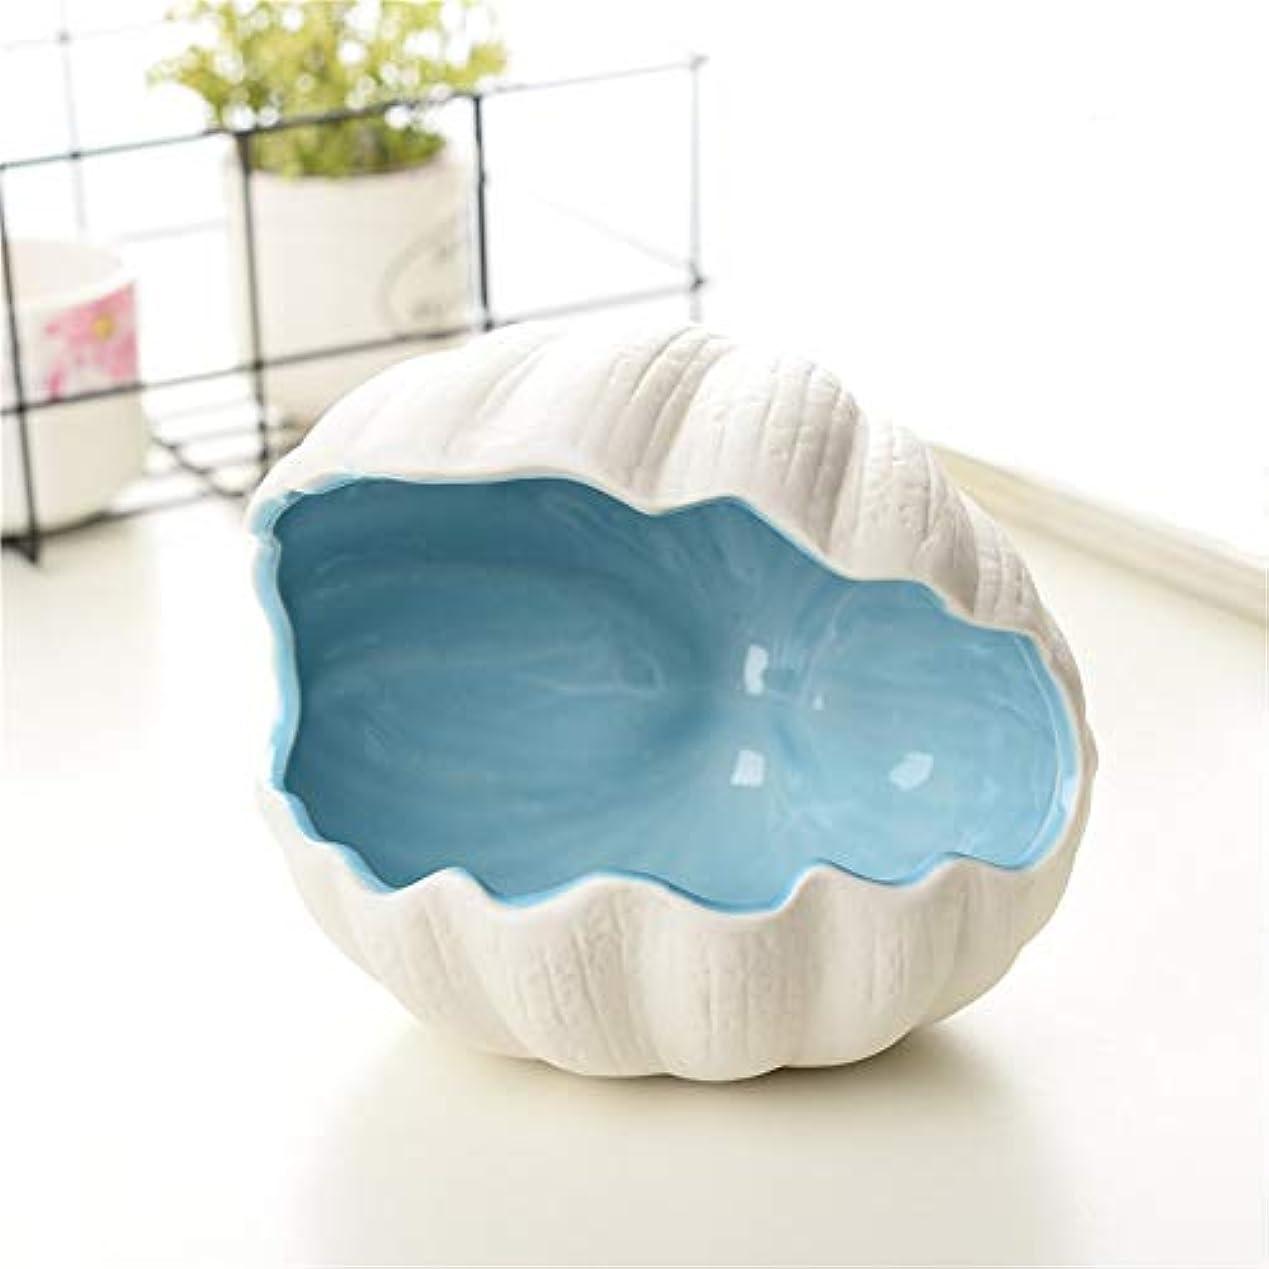 チームそう批判タバコ、ギフトおよびホームオフィスの装飾のための灰皿セラミックシェル灰皿 (色 : 青)